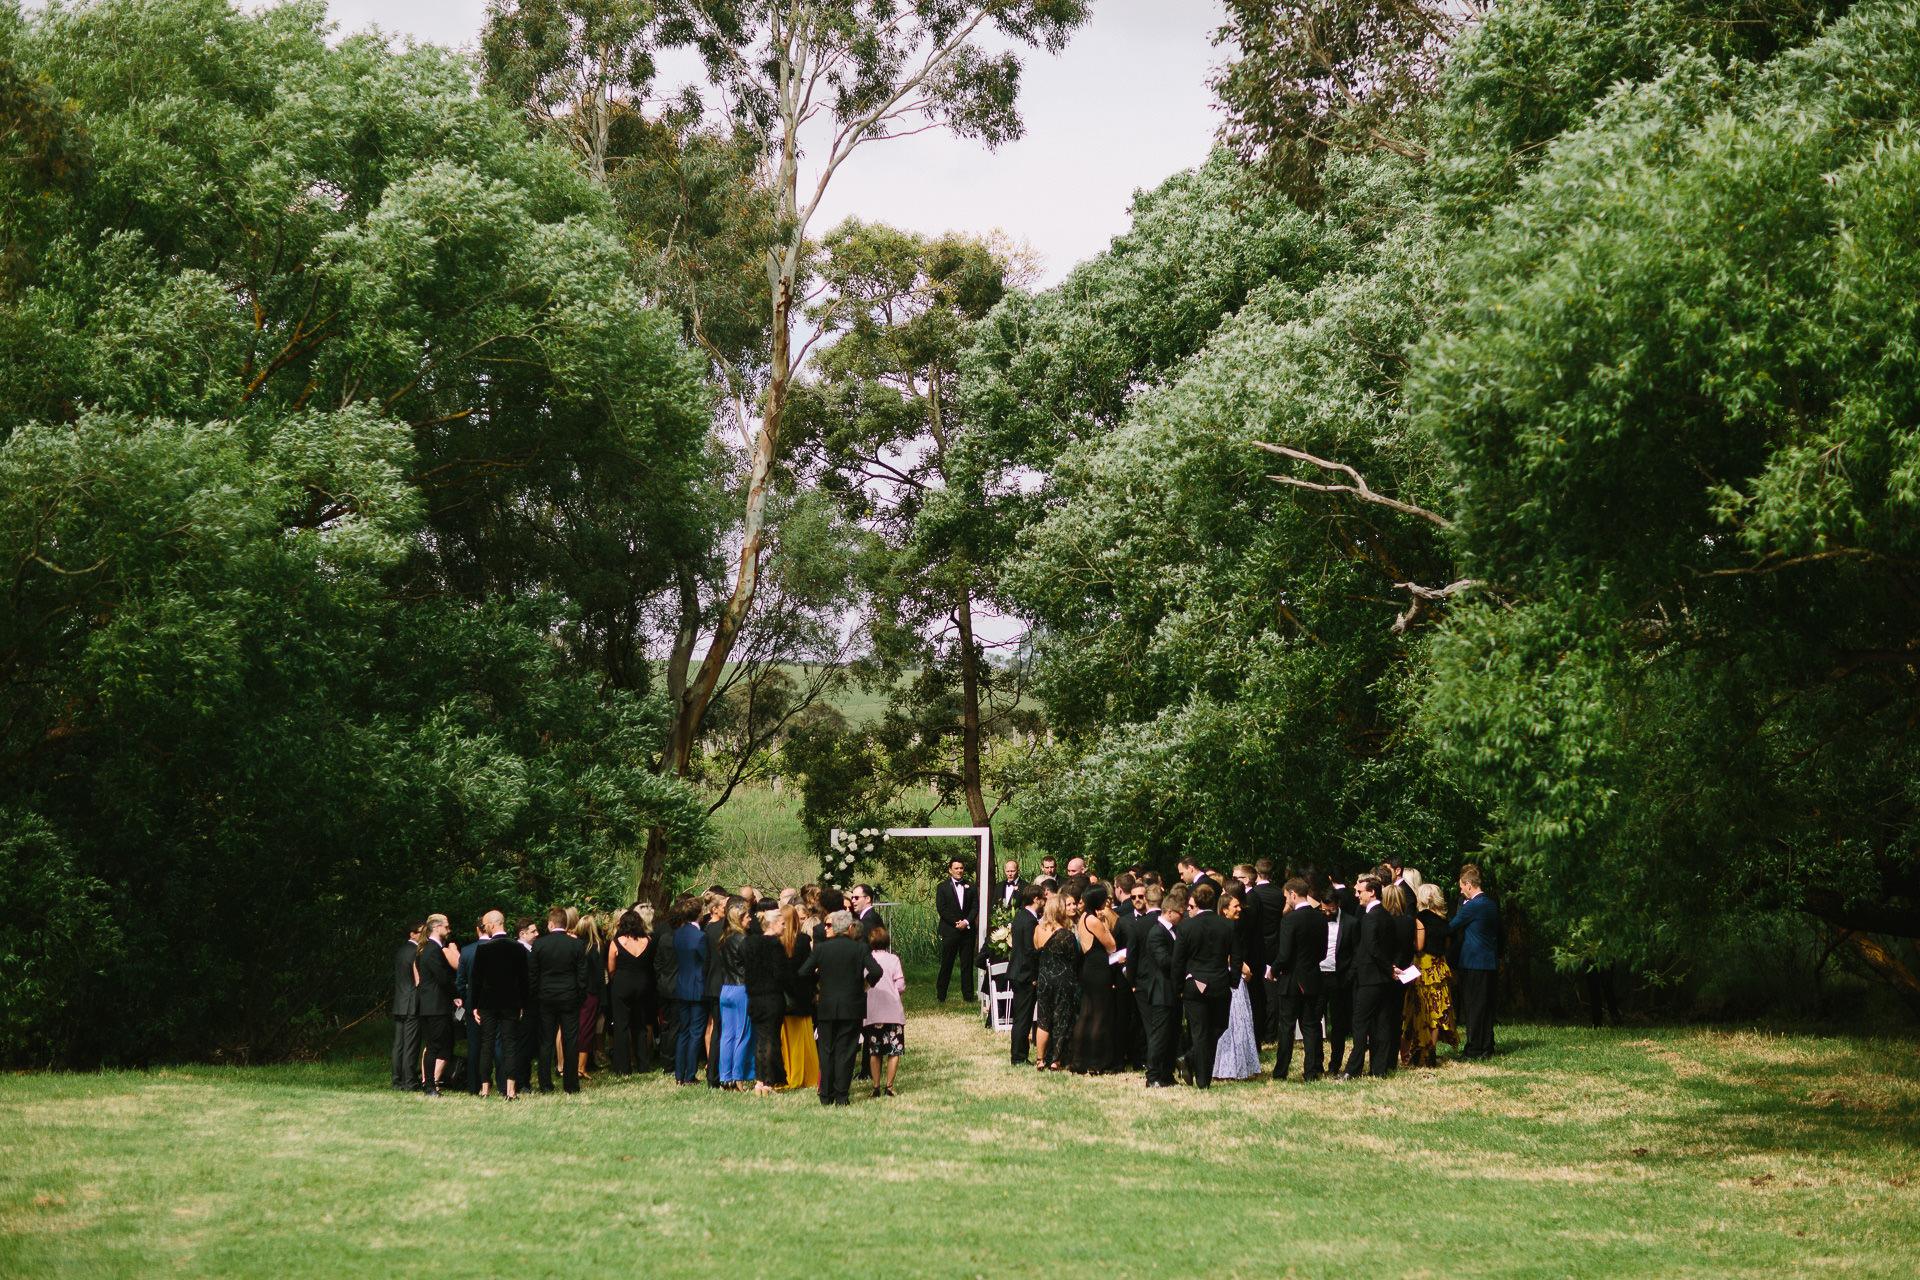 Bolt hoban estate wedding ceremony